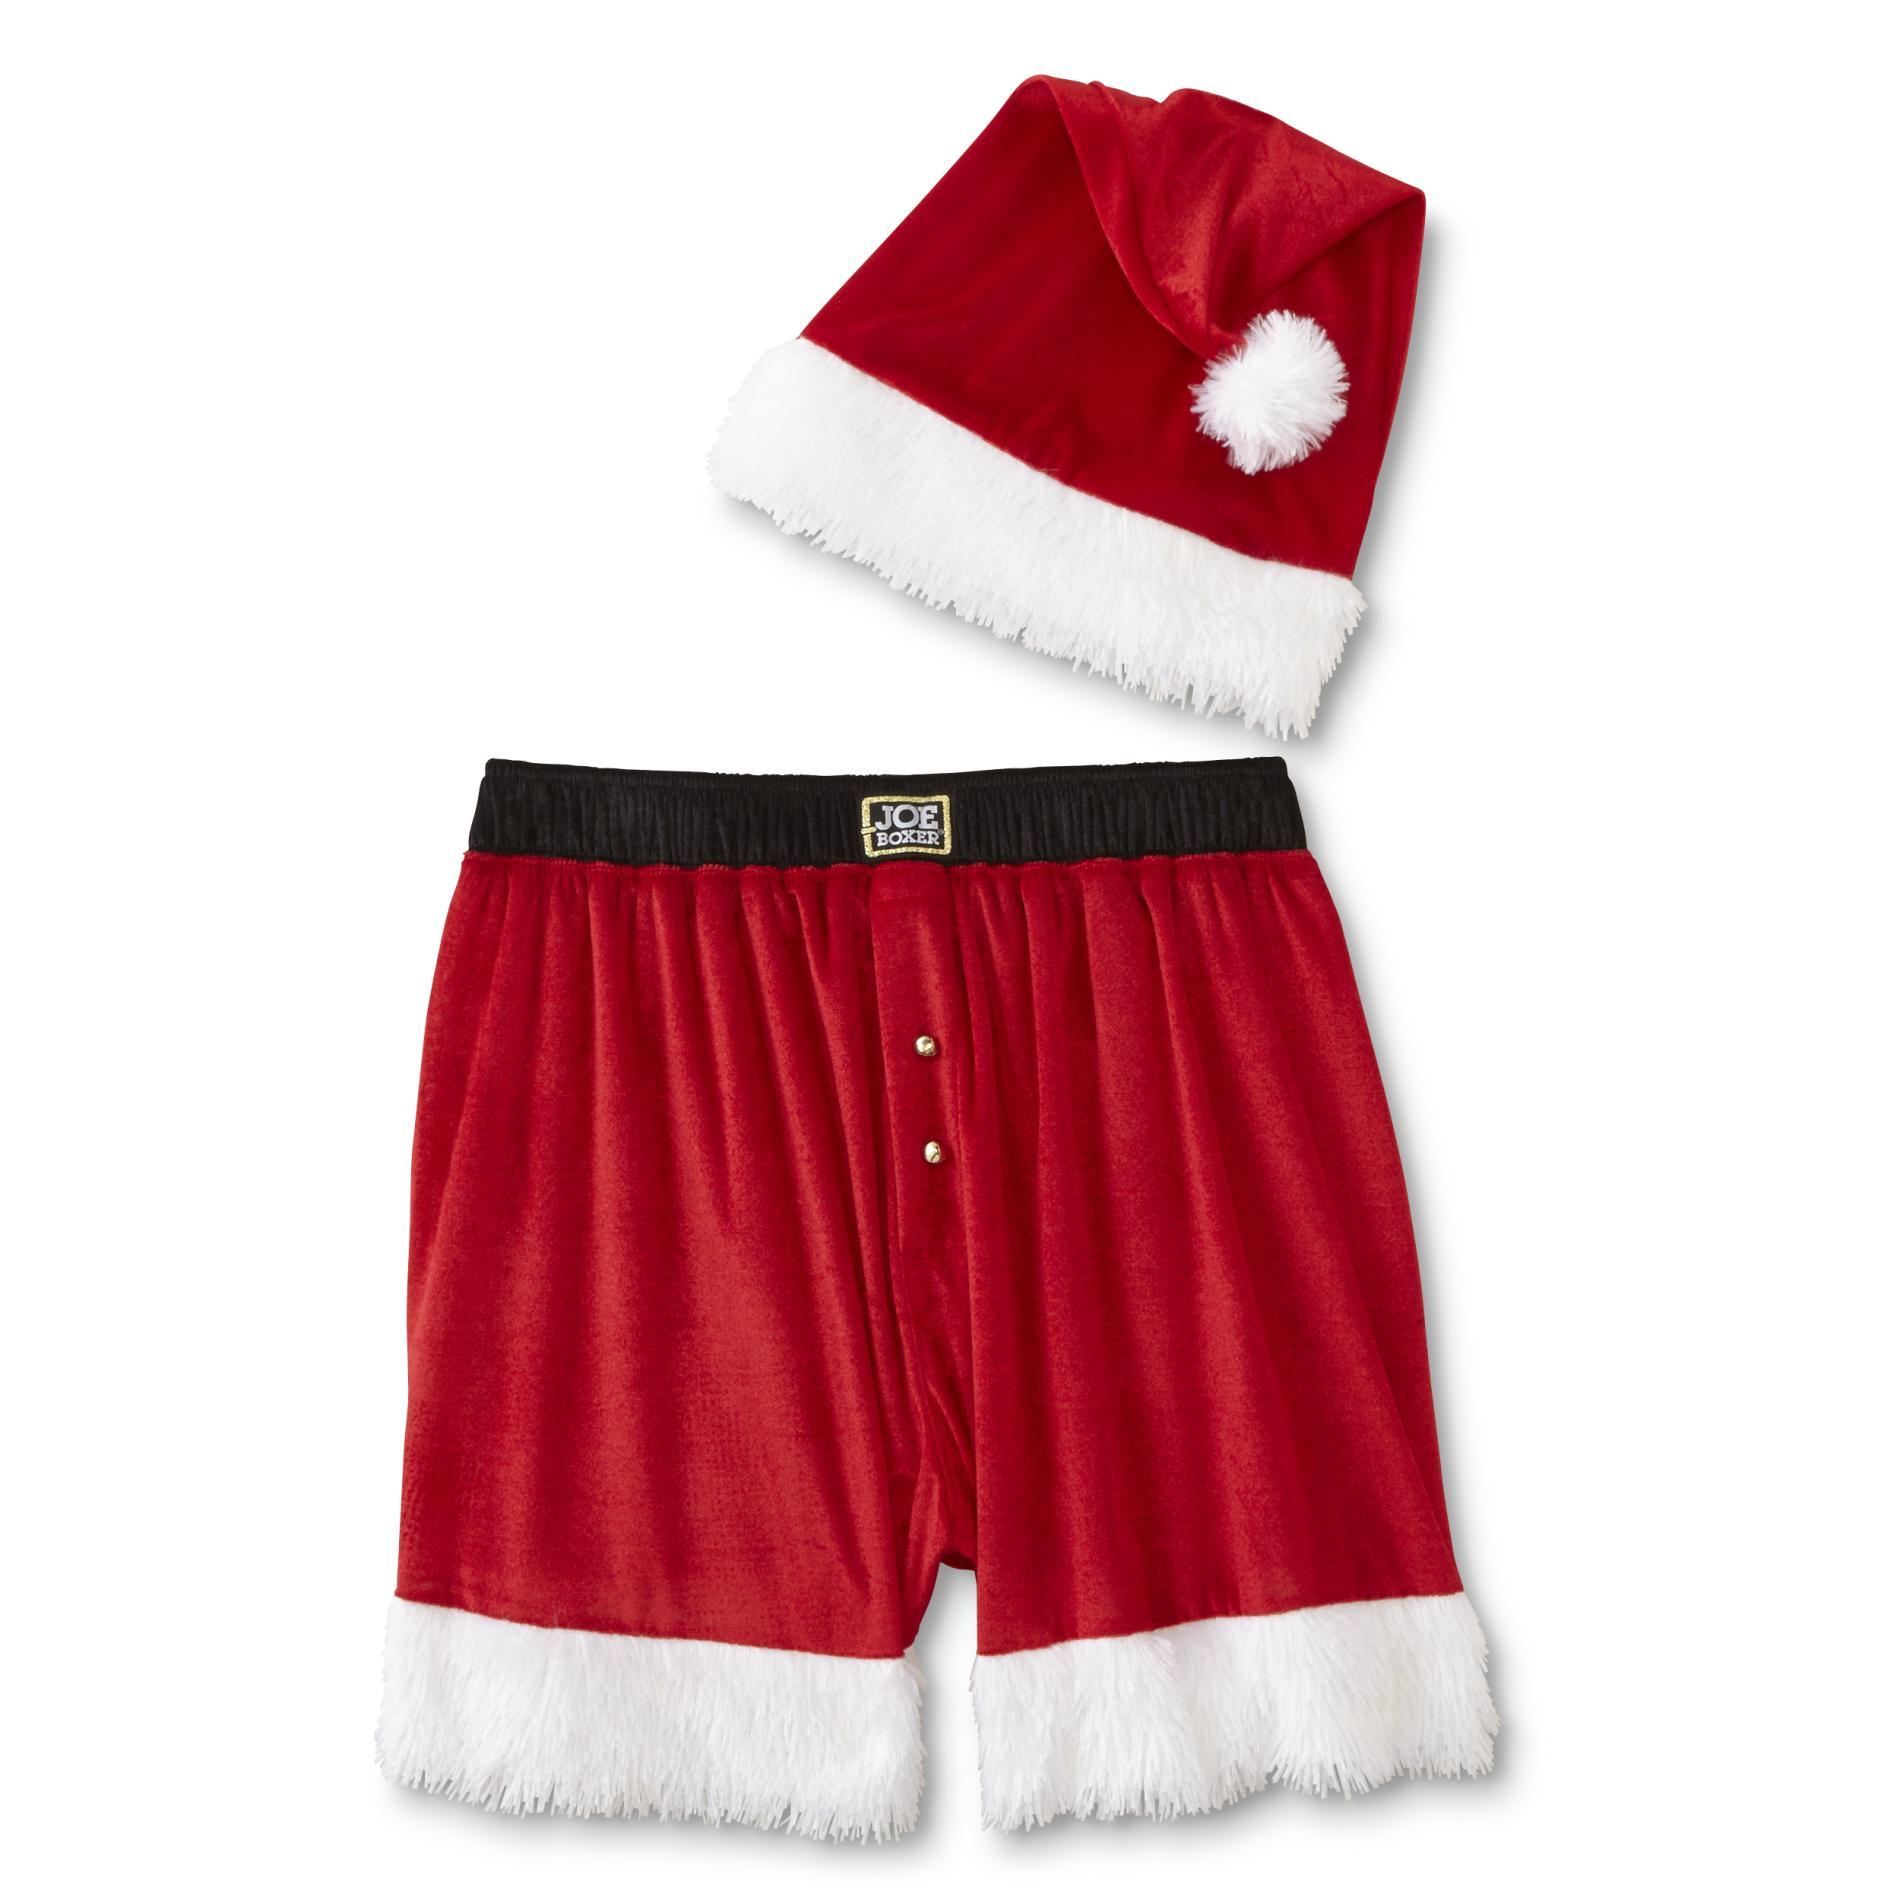 Joe Boxer Kmart Ad For Christmas